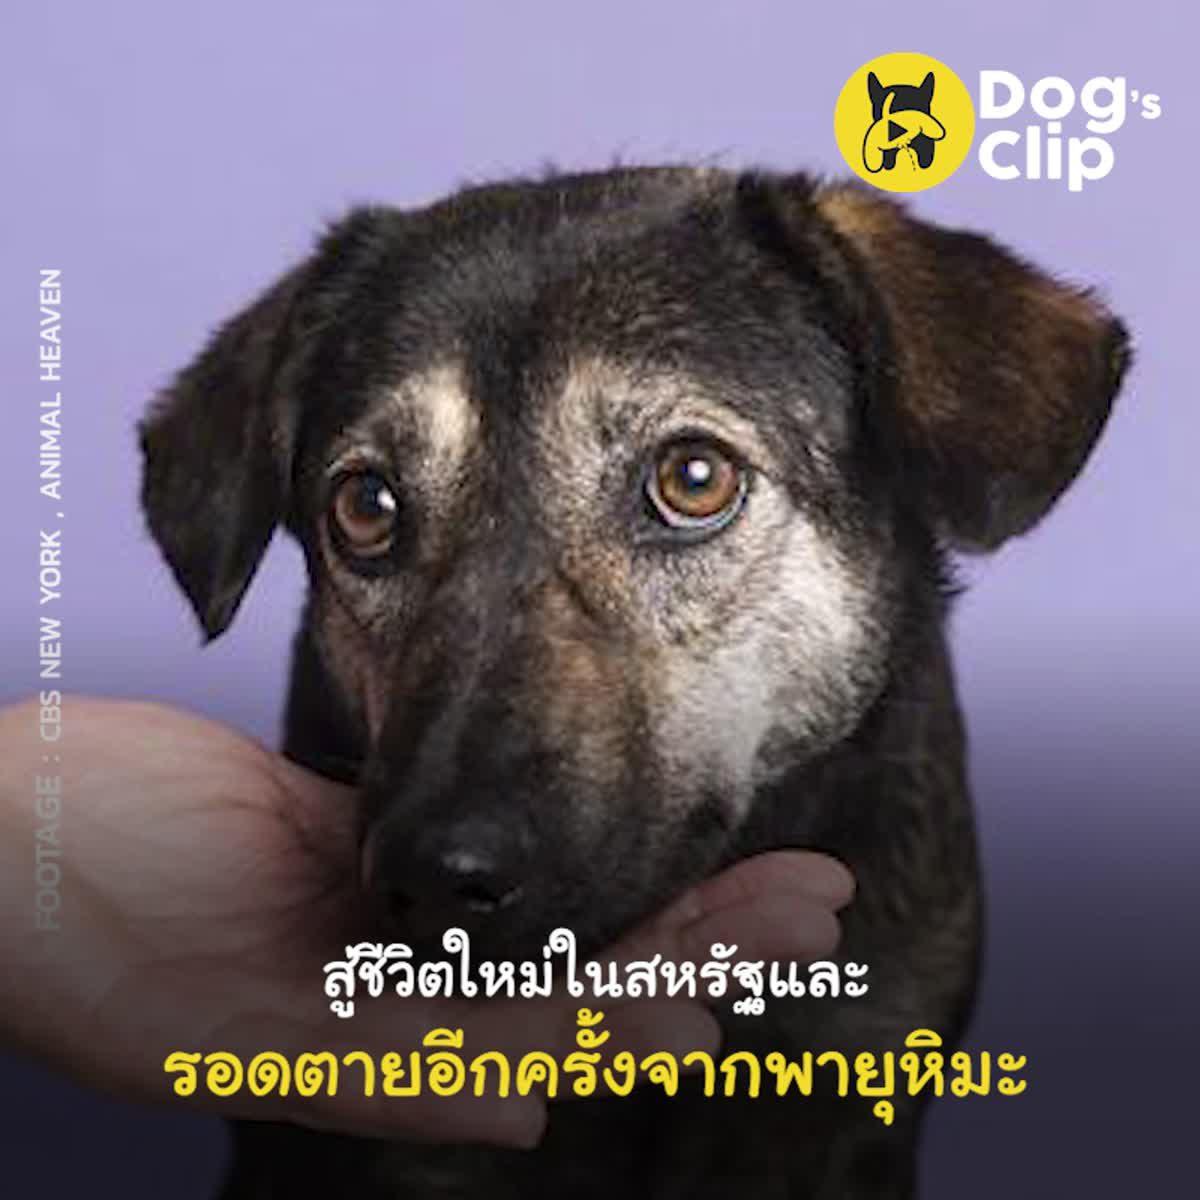 น้องหมาถูกช่วยให้รอดจากคมมีดในตลาดค้าเนื้อในไทยอย่างหวุดหวิด สู่ชีวิตใหม่ในสหรัฐและรอดตายอีกครั้งจากพายุหิมะ